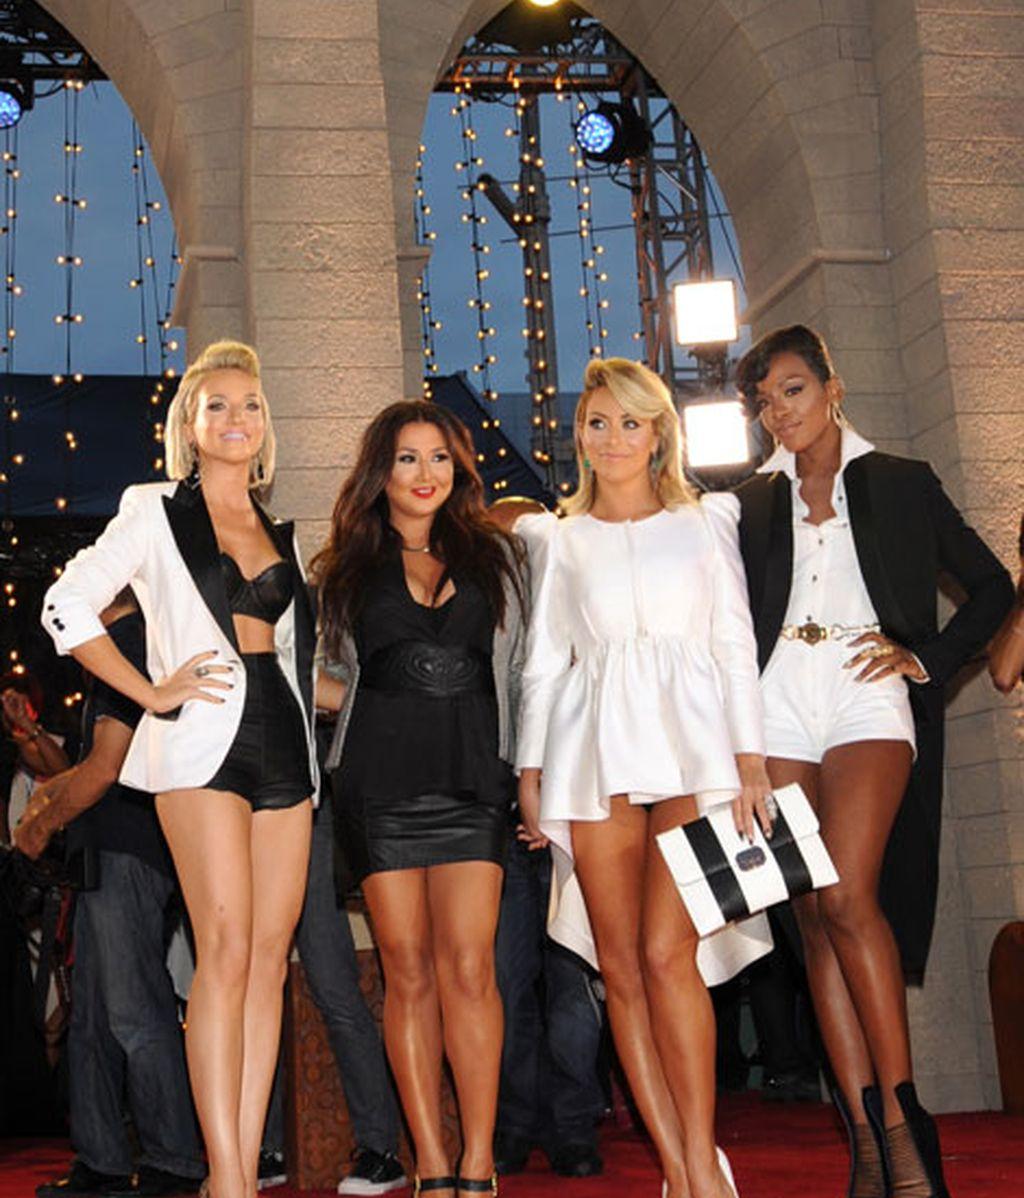 El grupo Danity Kane, todas de blanco y negro